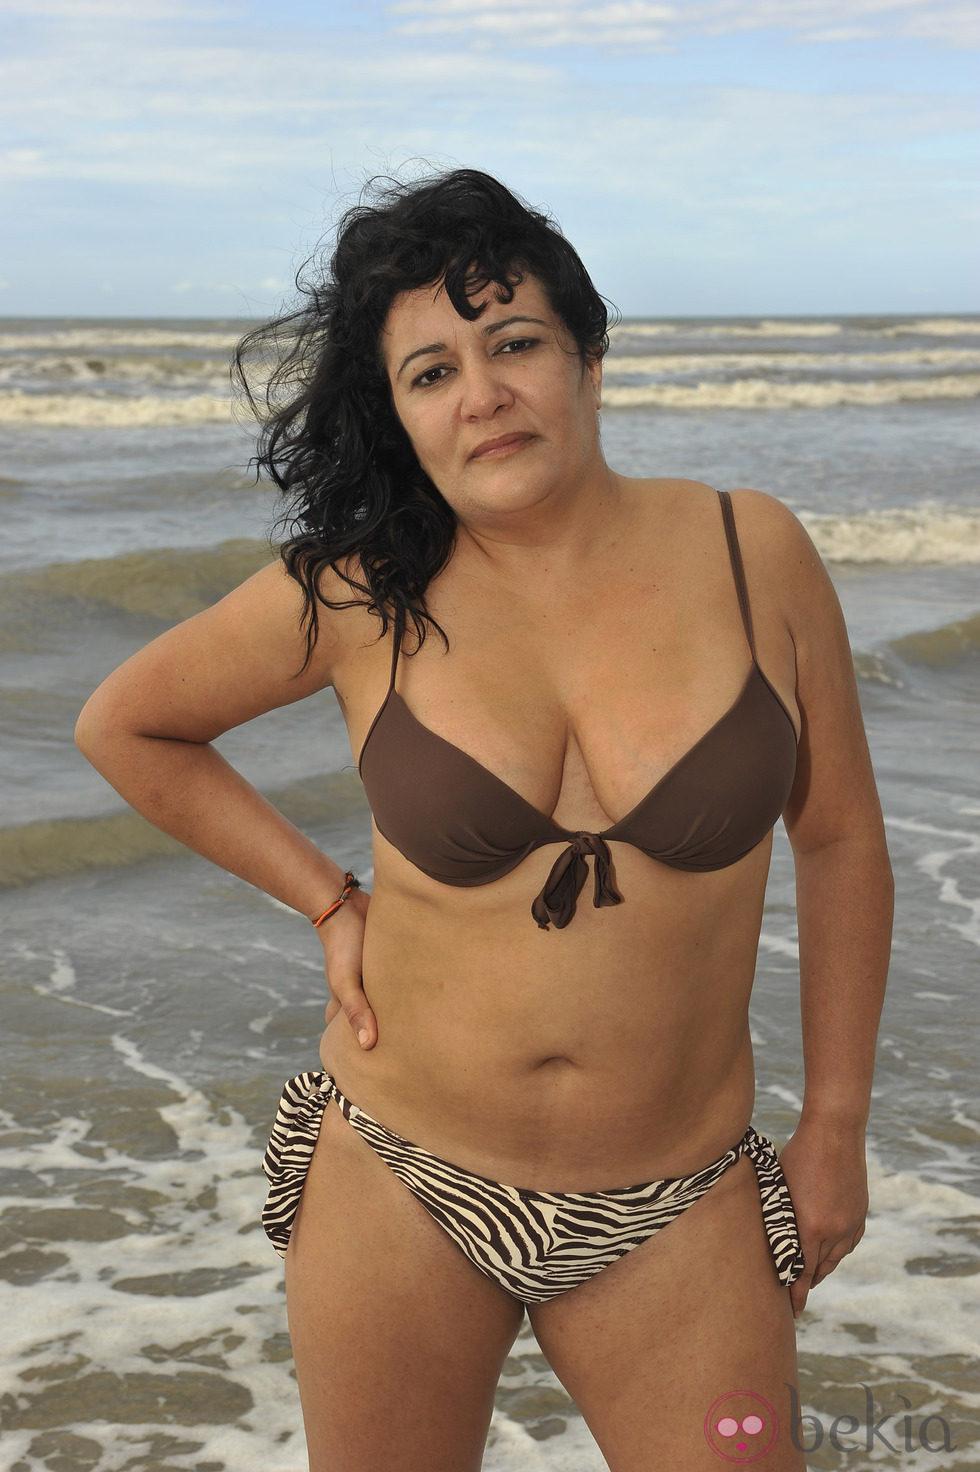 Rosi en la playa de la tejita masturbandome para un miron - 1 9